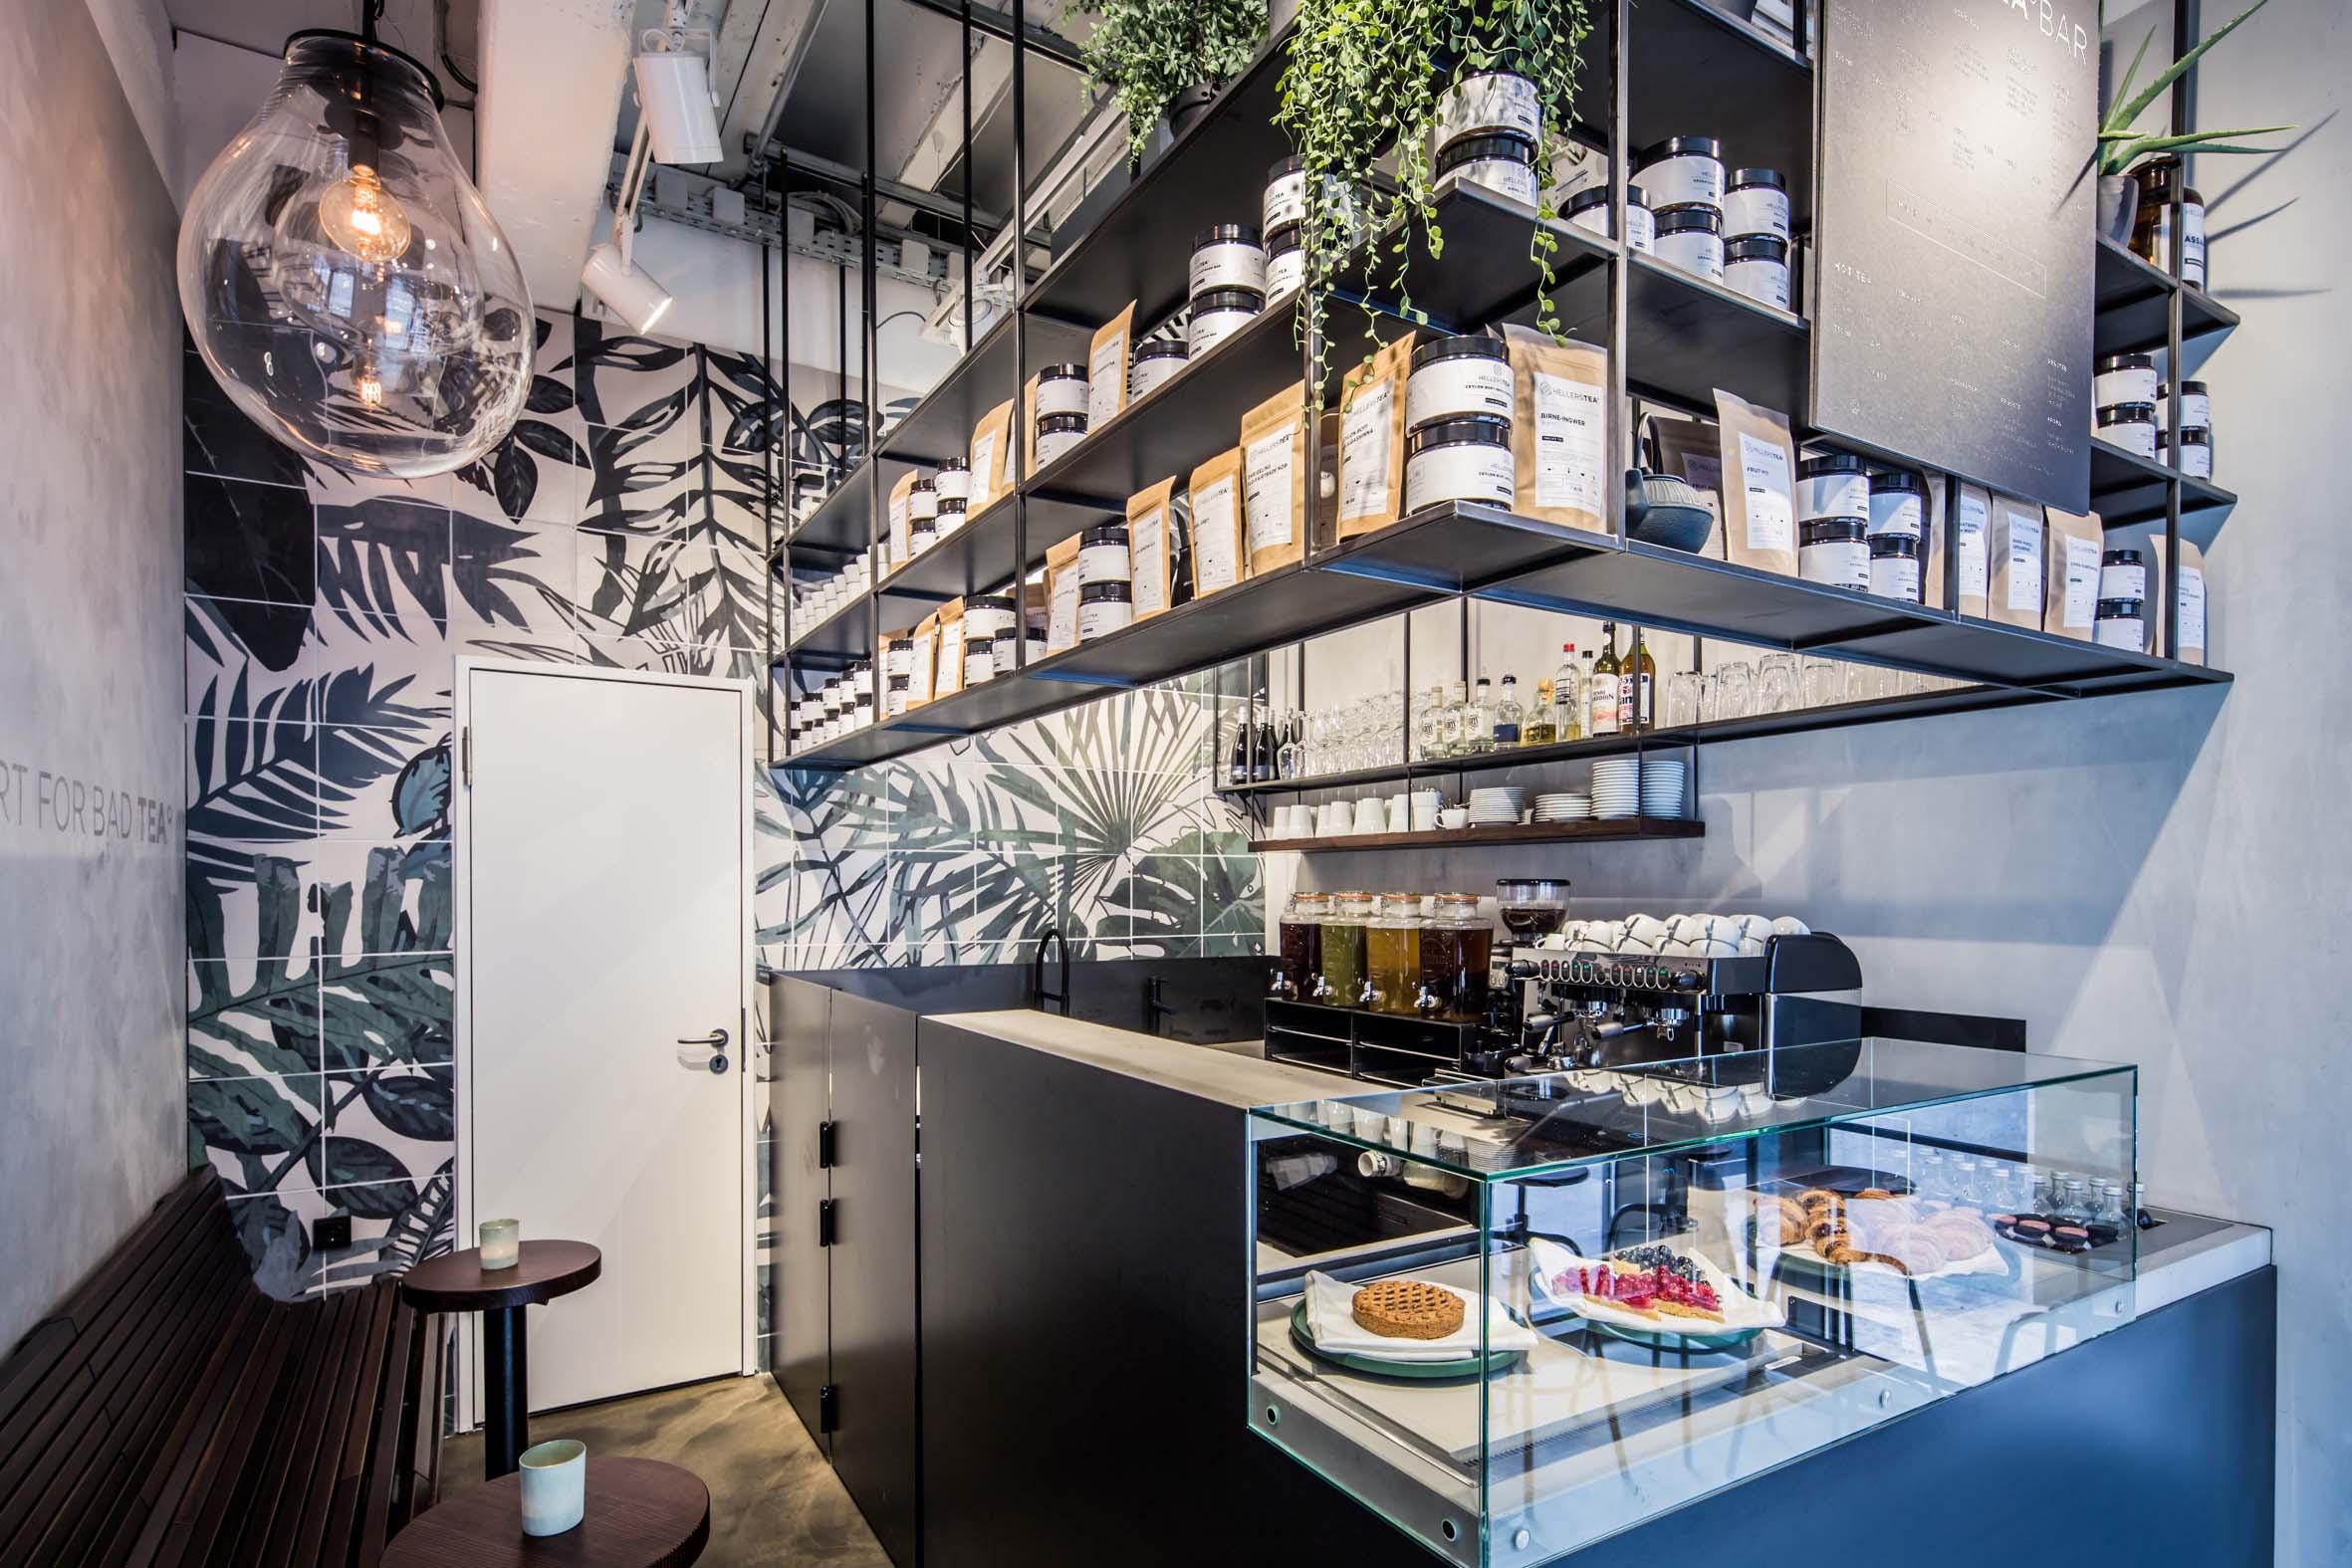 Innendesign Bestelltheke Hellers Tea Bar Nobla Raumplanung & Innenarchitektur für & aus Karlsruhe